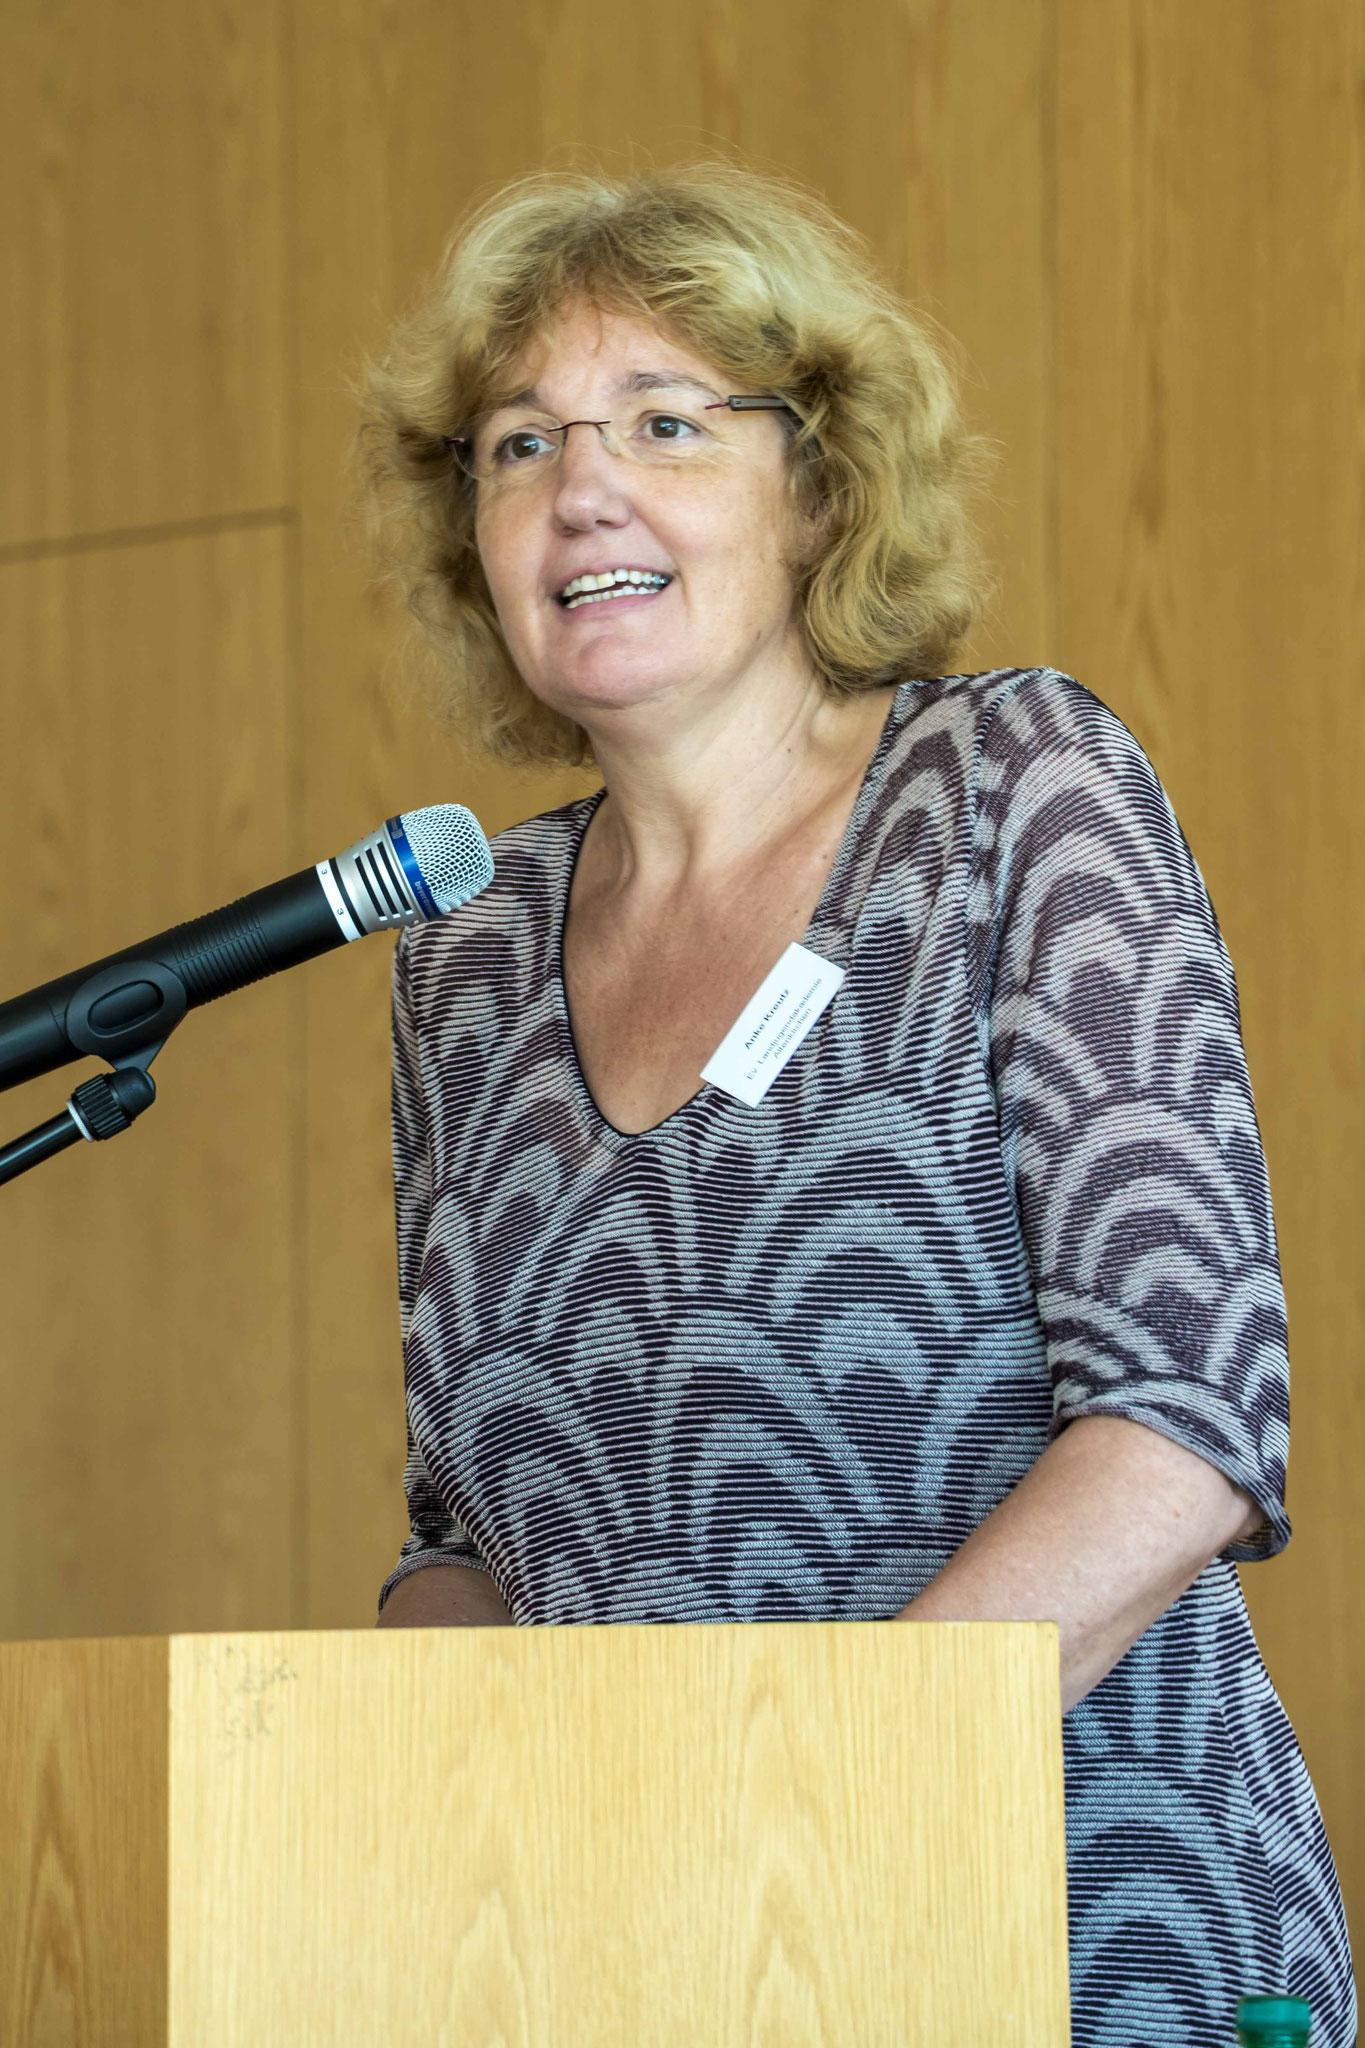 Anke Kreutz